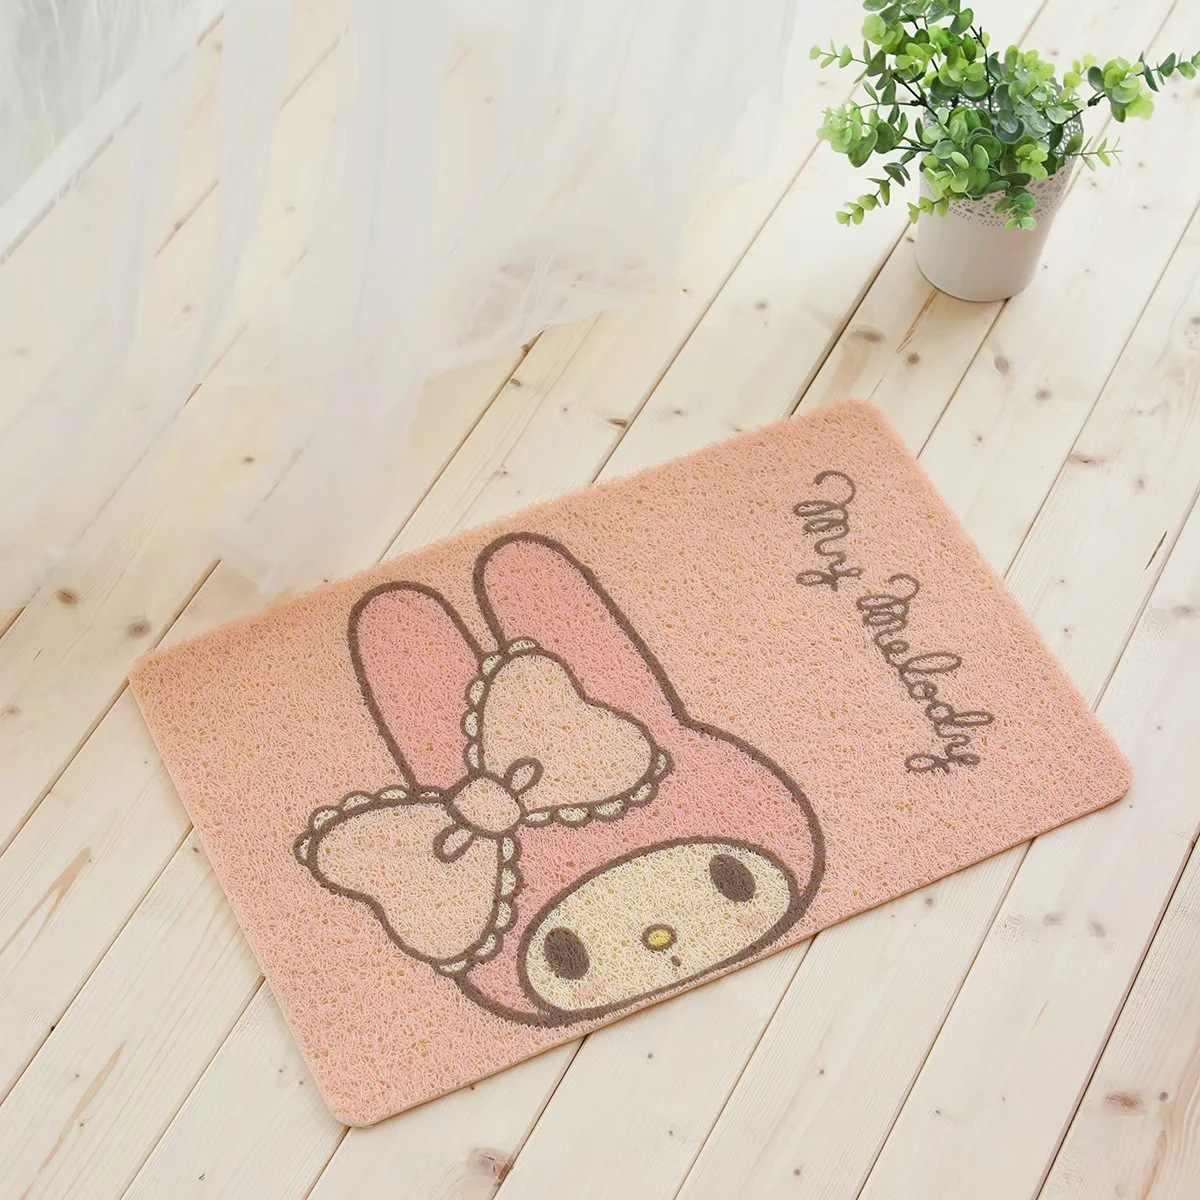 58X38CM Anime My Melody Cinnamoroll Hund Netter Teppich Dekoration Hause Weichen Teppich Kinder Cartoon Schlafzimmer Boden Matte Bad Fußmatte Neue